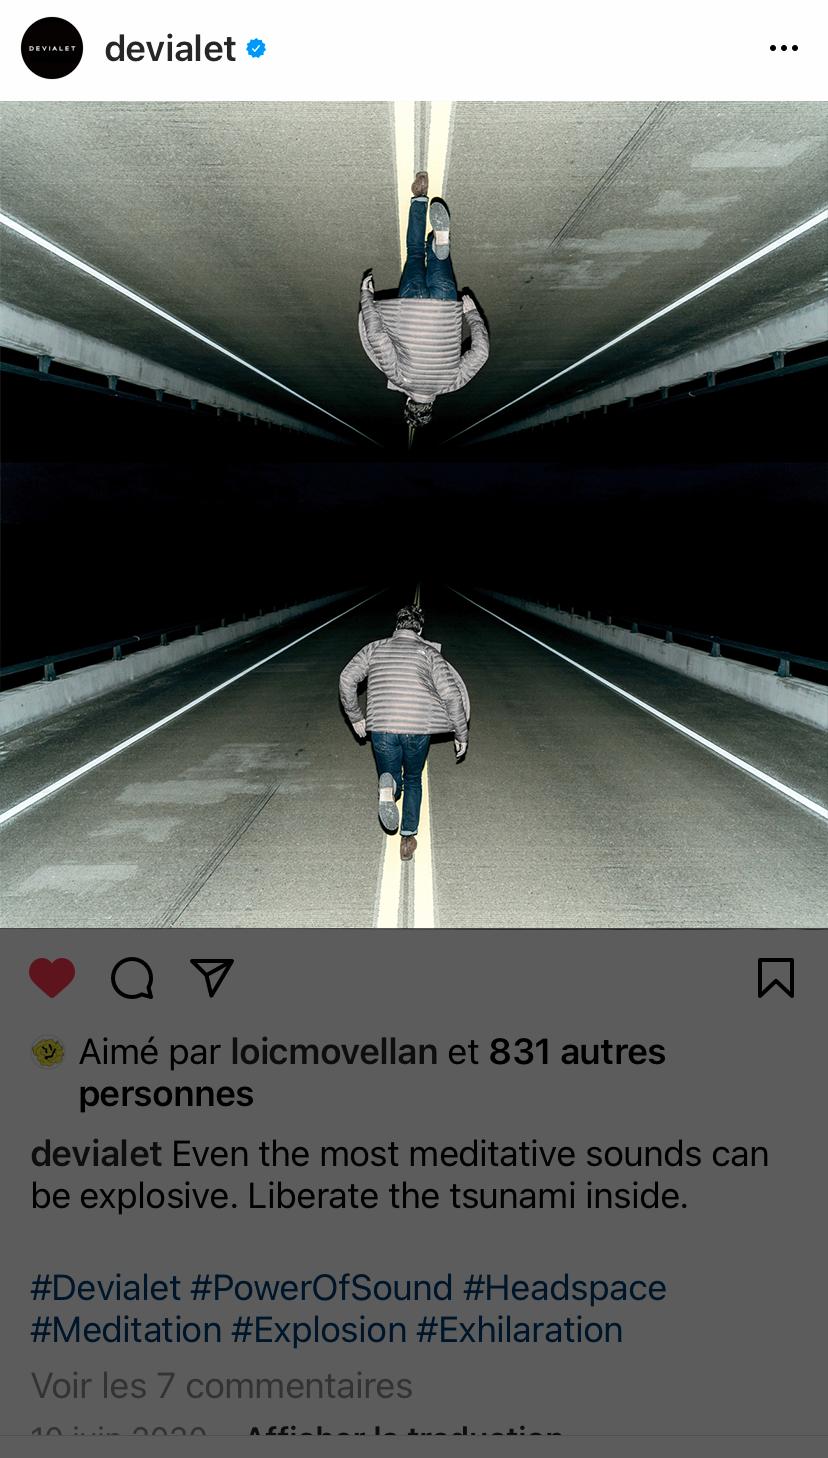 mise-en-situ-instagram-devialet3-1